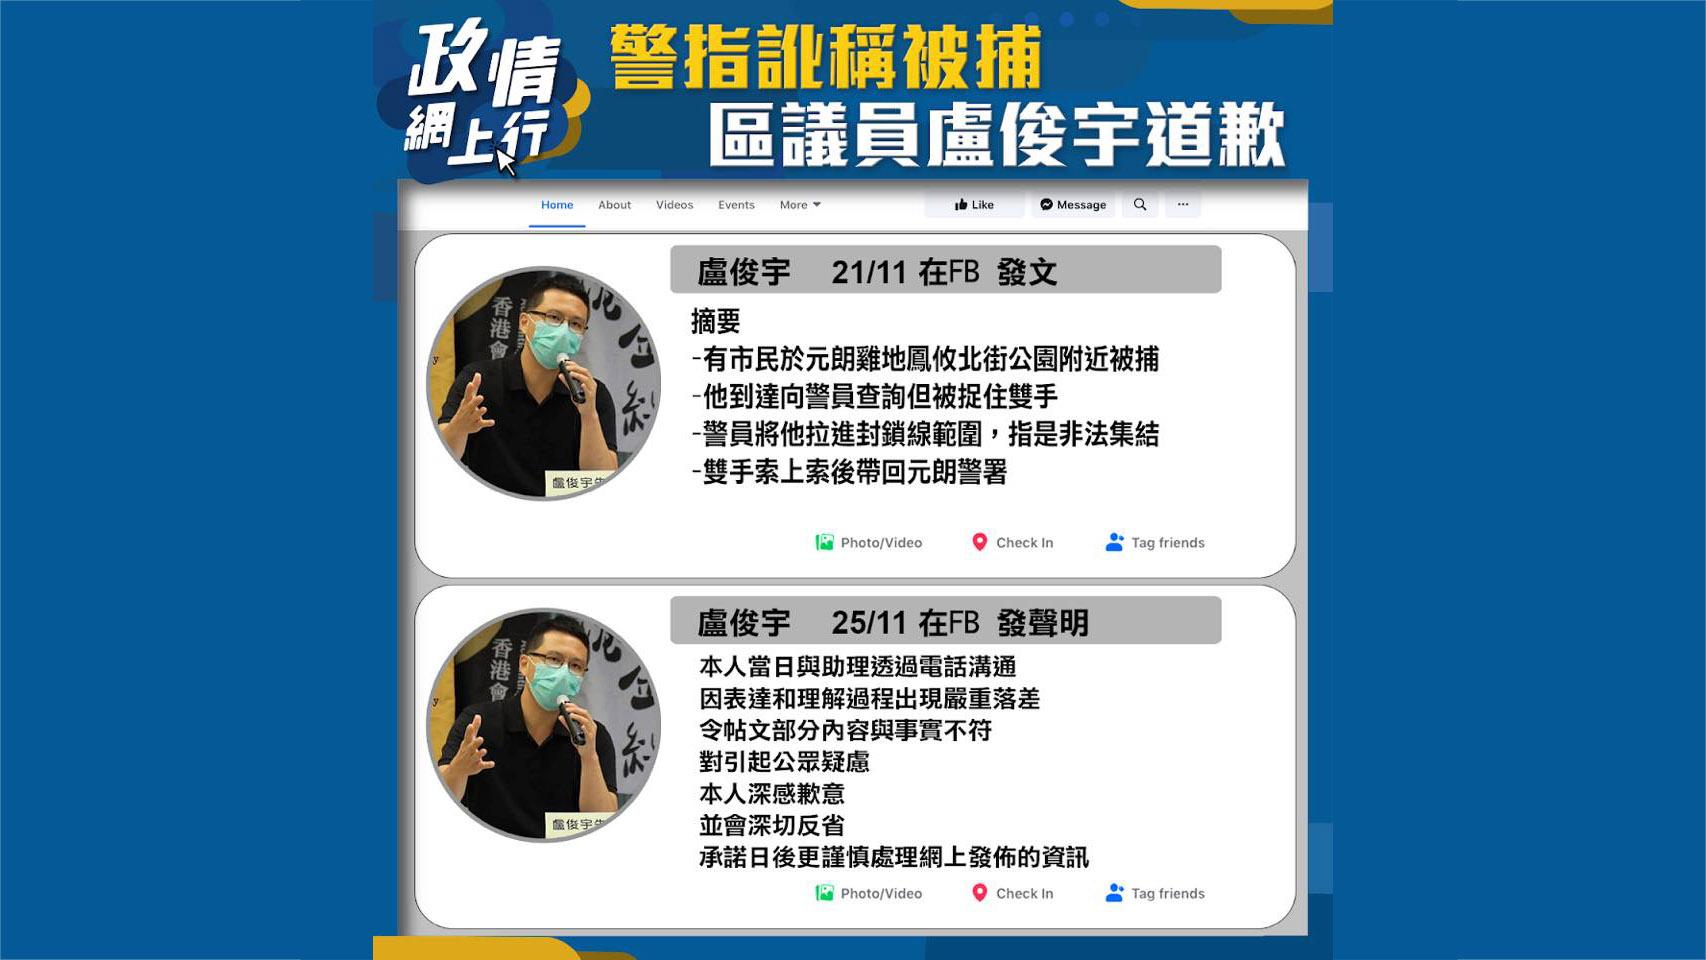 【政情網上行】警指訛稱被捕 區議員盧俊宇致歉